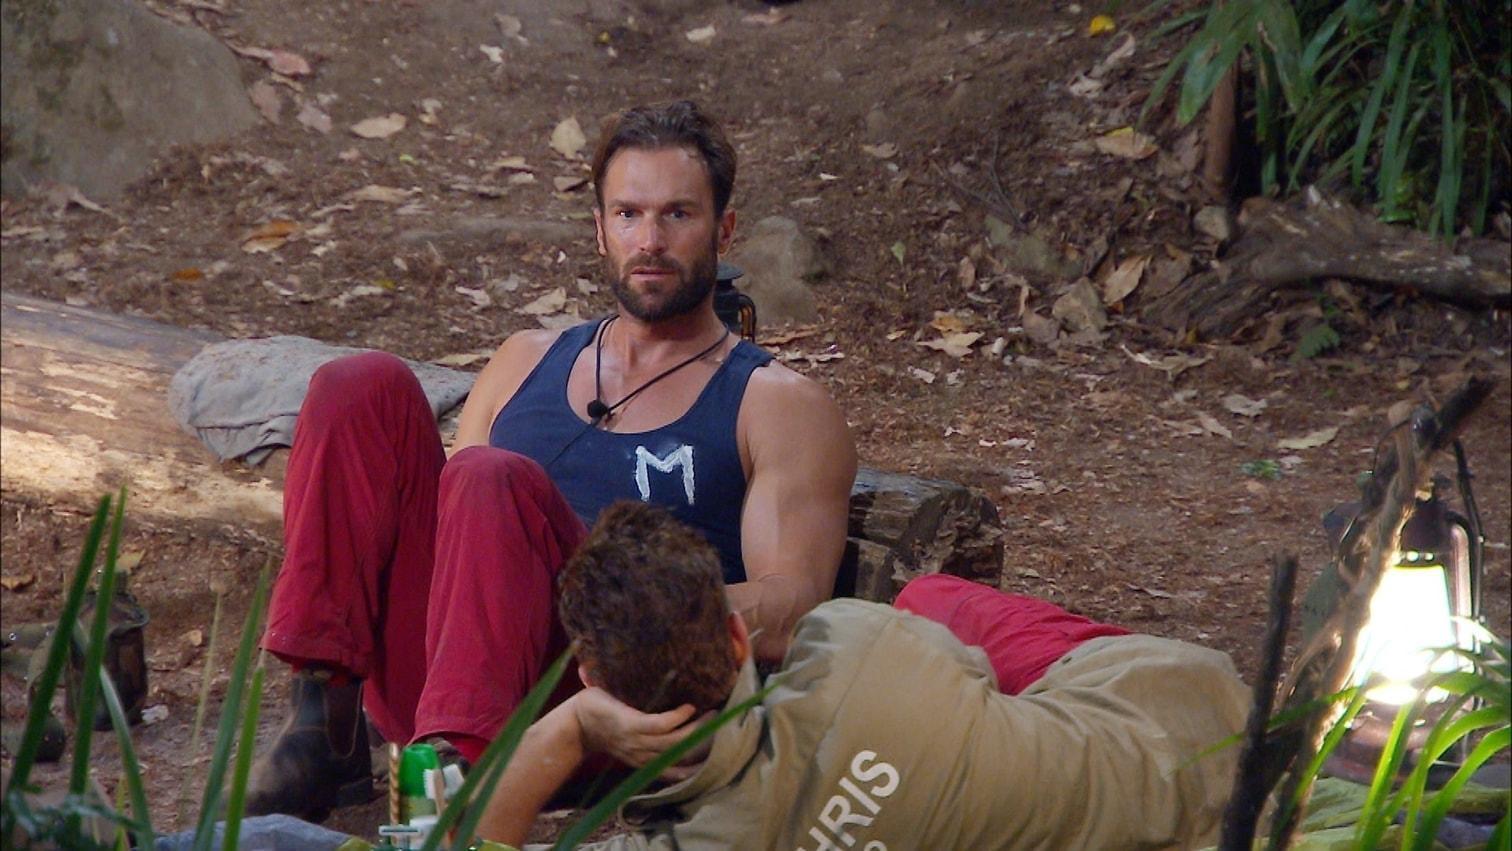 """<p>Dass wir das noch erleben dürfen: Bastian und Chris plaudern wie alte Freunde ganz entspannt am Lagerfeuer. Doch die beiden Strategen bleiben sich treu und checken ihre Mitcamper in Bezug auf deren Siegeschancen durch. """"Ich sehe Peter als starken Favorit"""""""